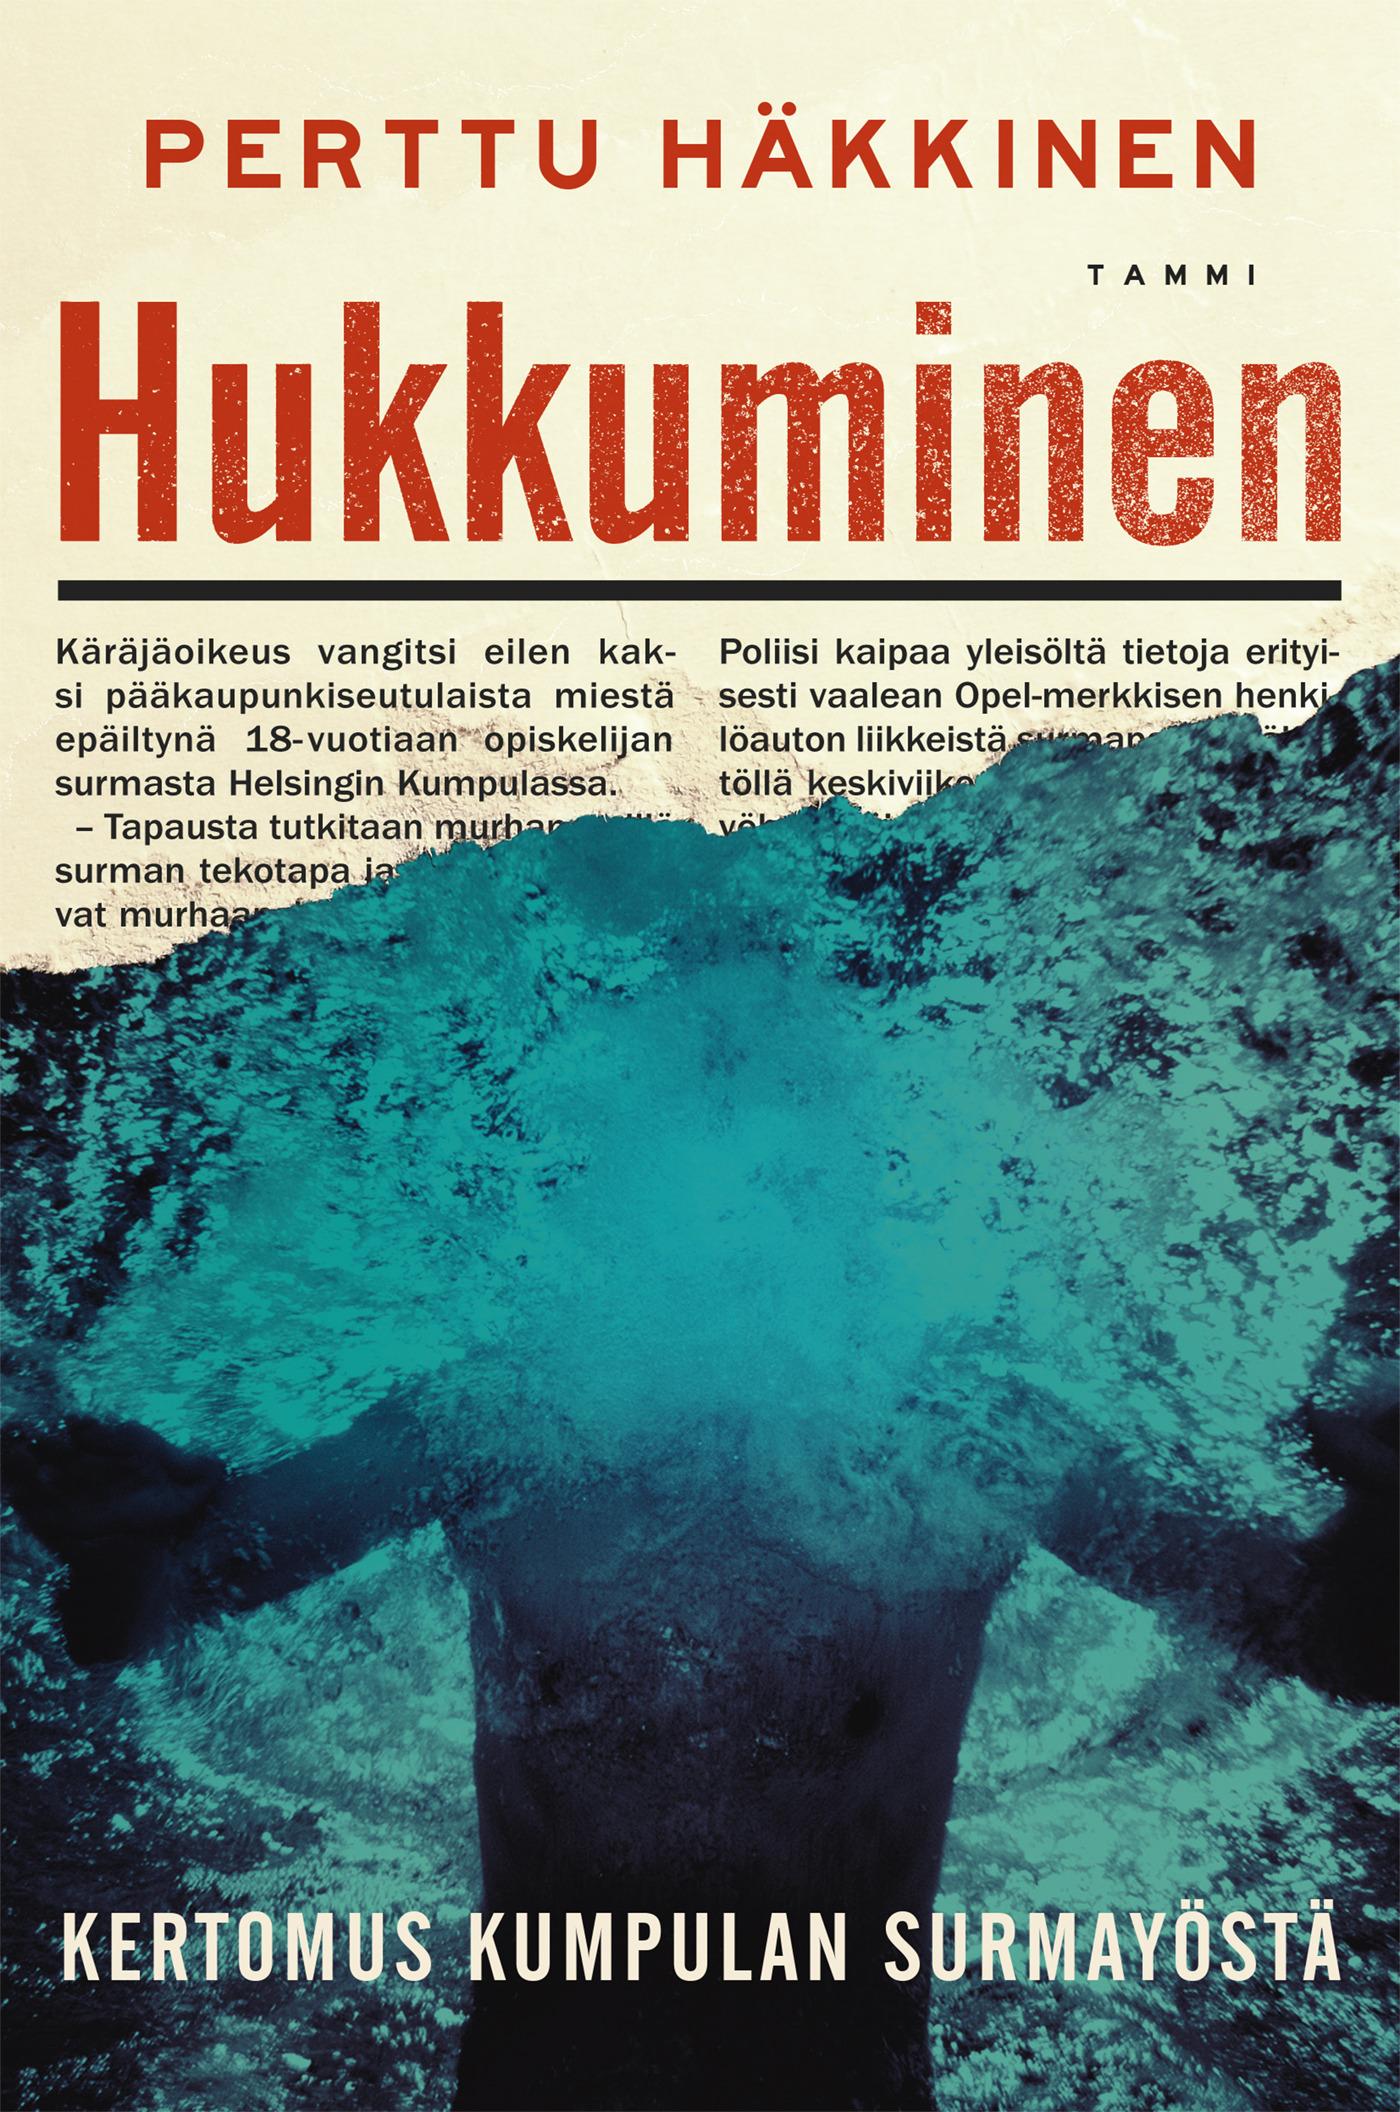 Häkkinen, Perttu - Hukkuminen: Kertomus Kumpulan surmayöstä, e-kirja